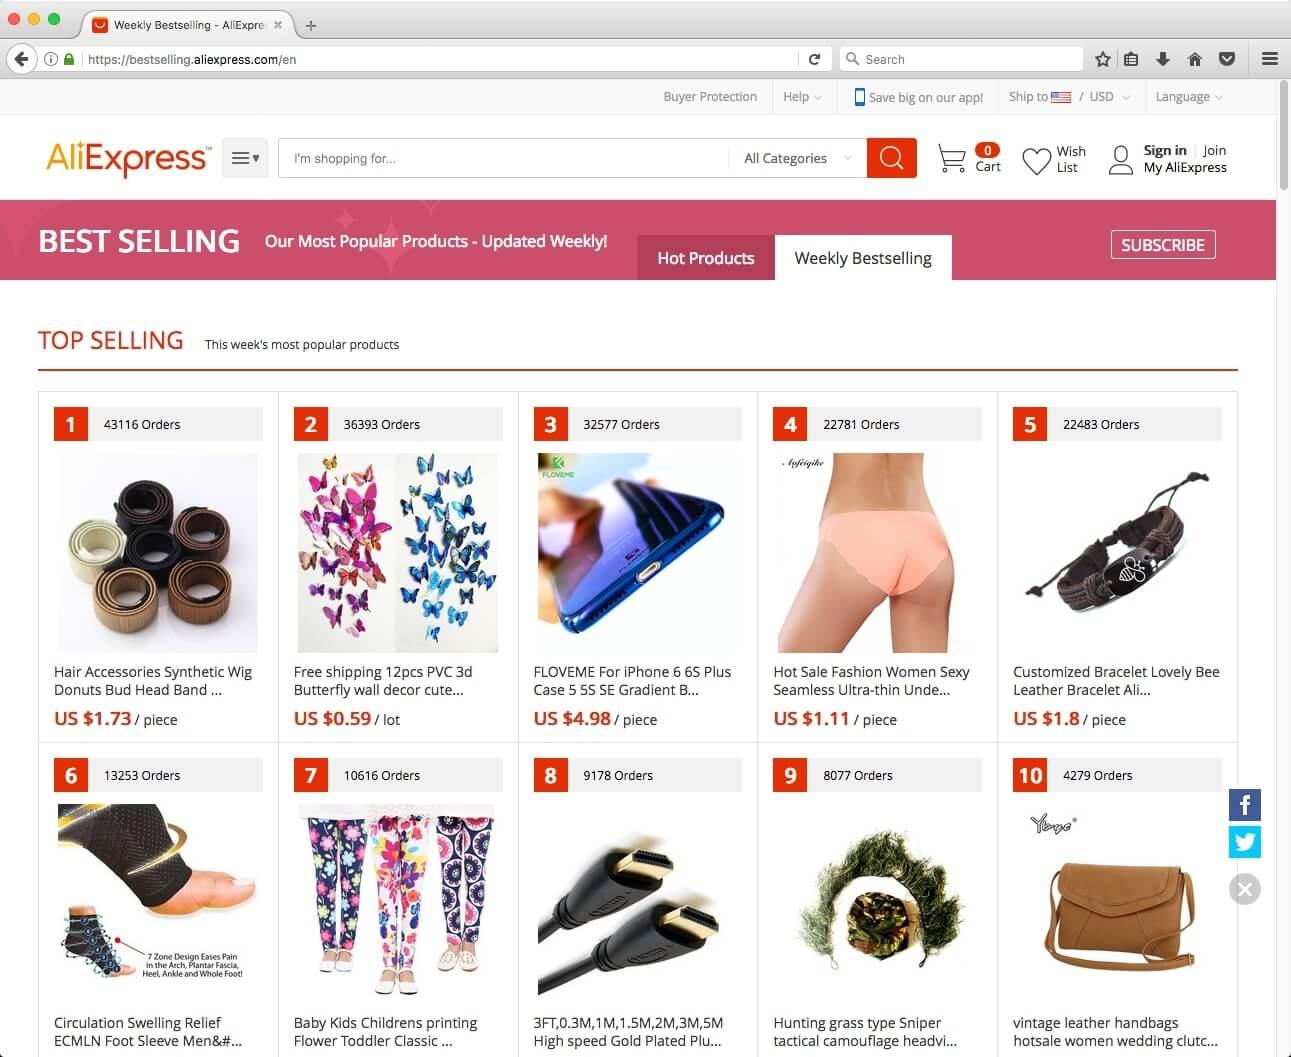 Στην σελίδα του Αλίεξπρες θα βρείς πραγματικά τα πάντα.Απο Παπούτσια, Τσάντες, Πορτοφόλια, μέχρι Θήκες για Κινητά, Ρολόγια, και Είδη Ηλεκτρονικού Τσιγάρου, όλα σε τιμές Χονδρικής! | YouBeHero